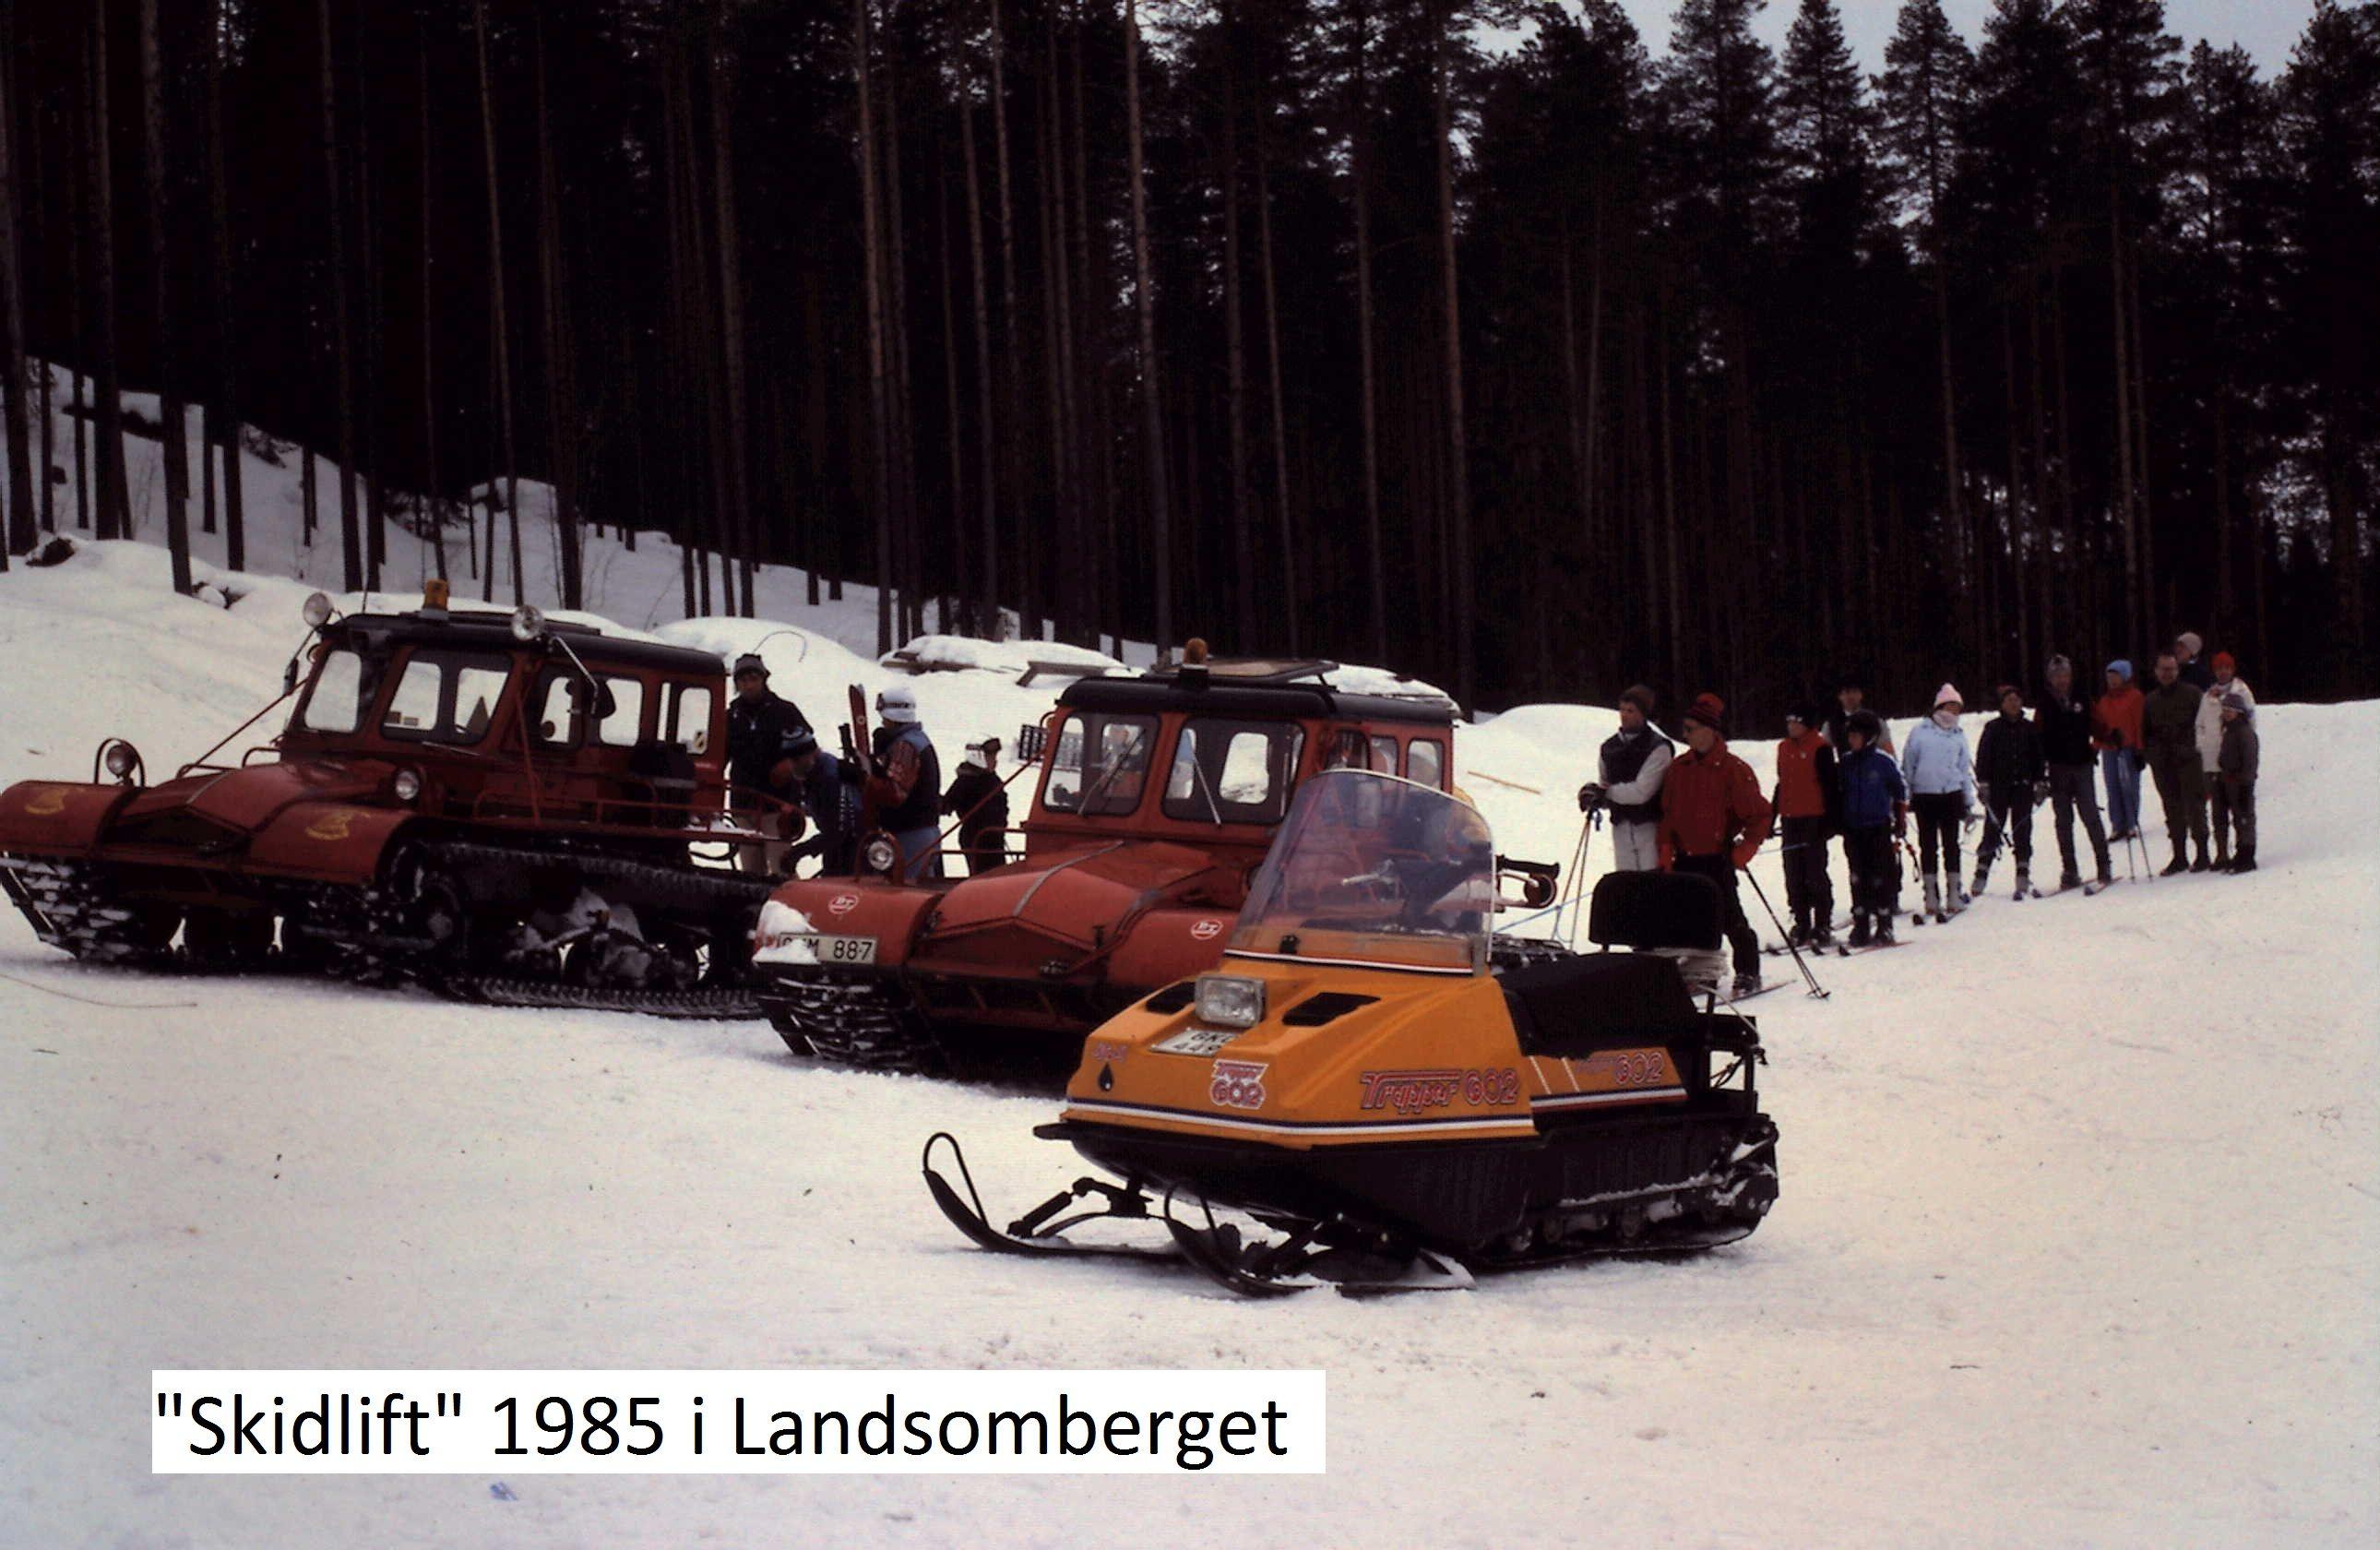 Så här såg det ut vid Landsomberget 1985. Privat bild.